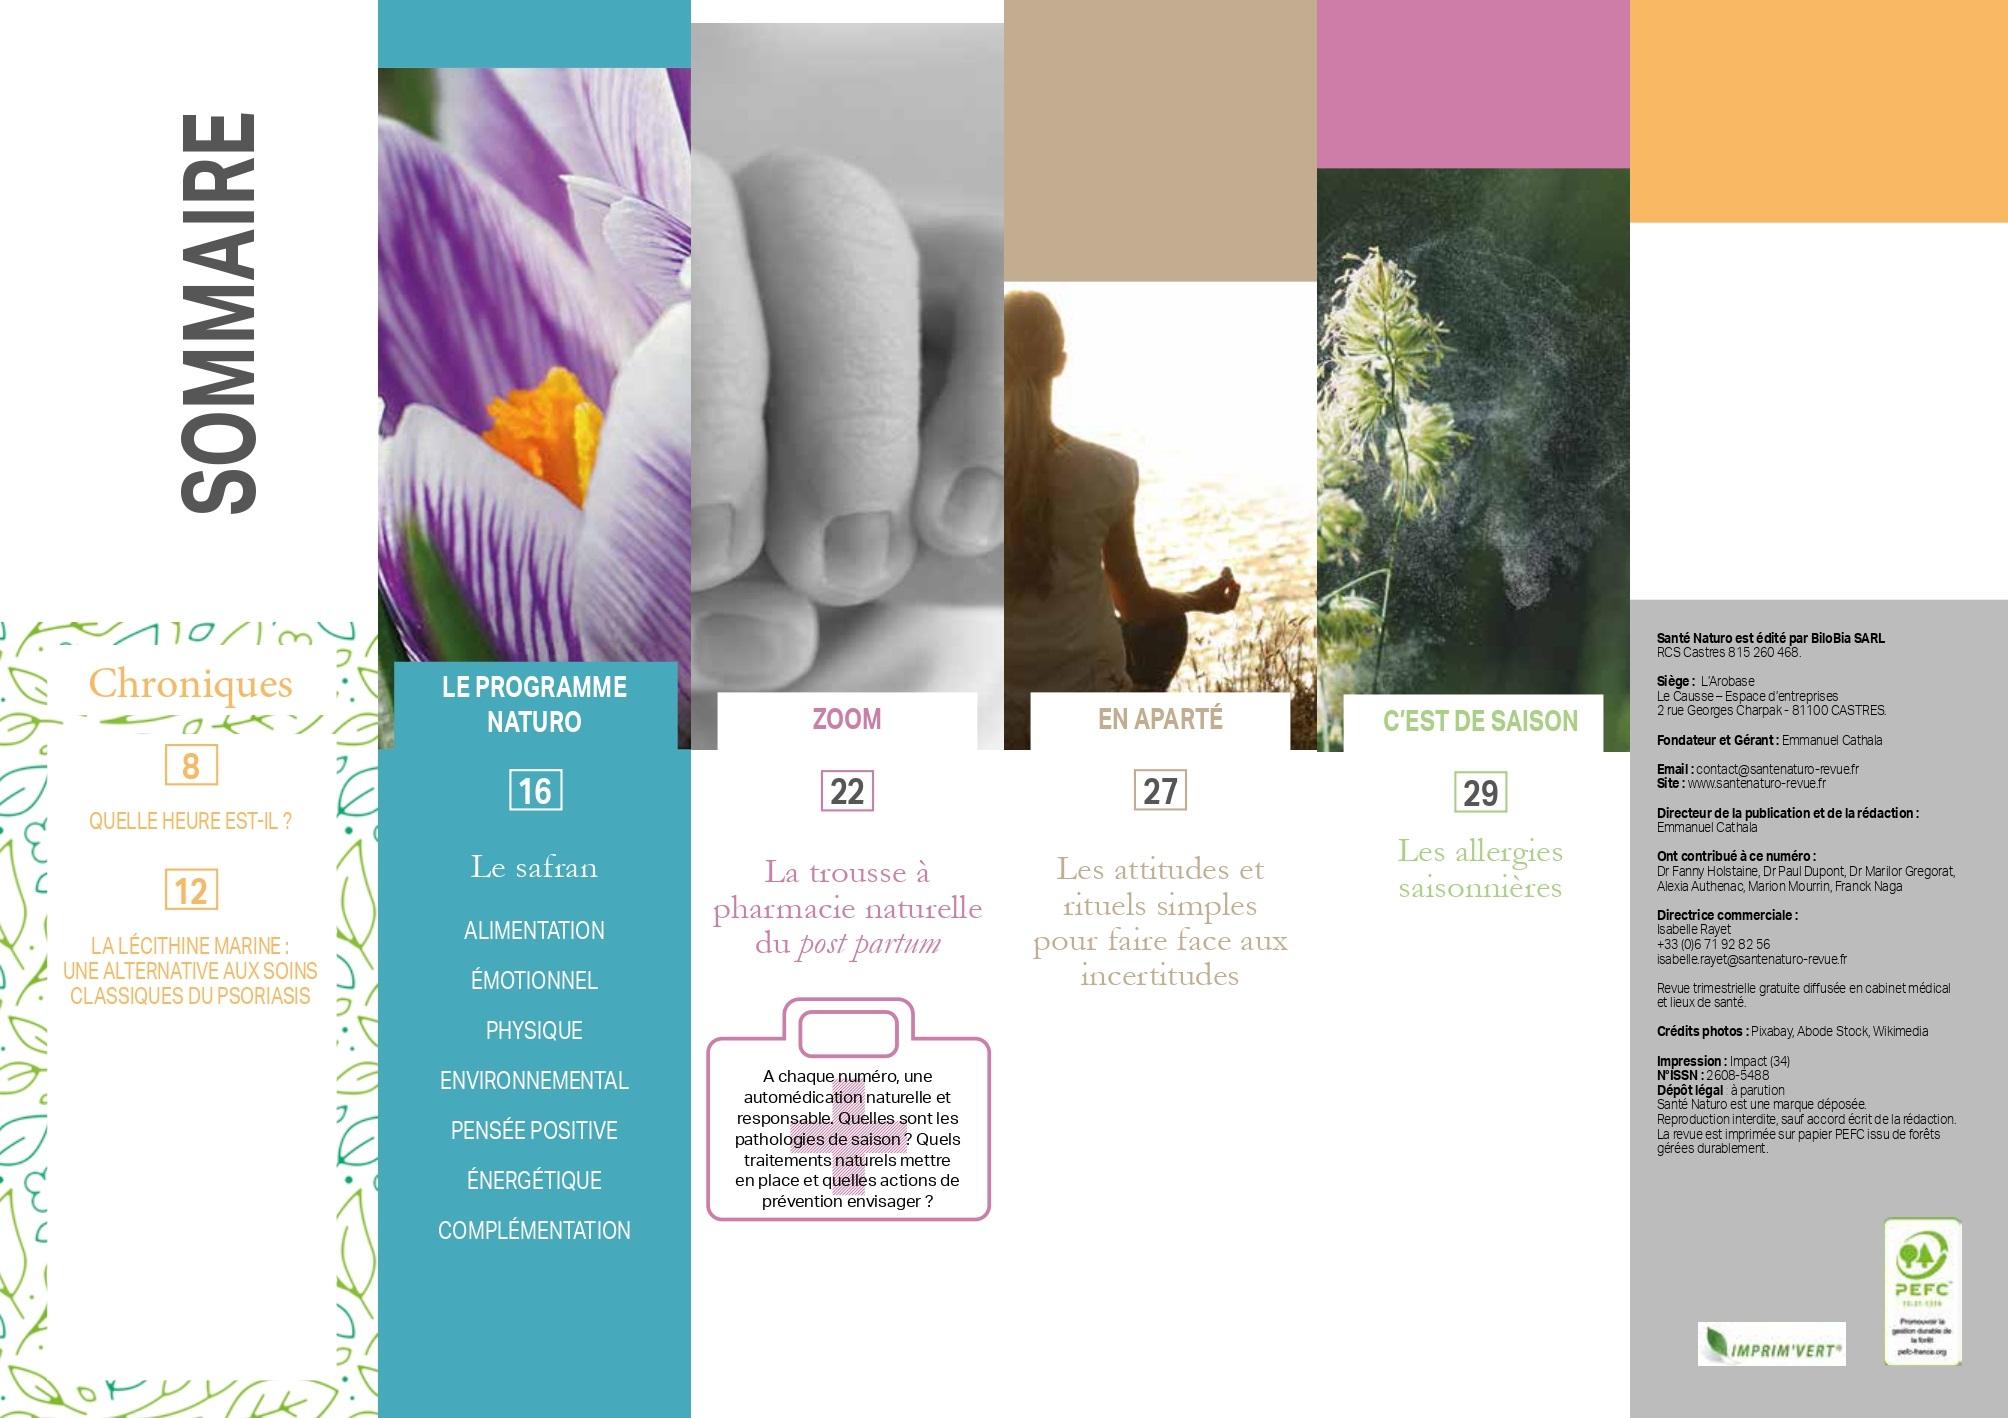 sante-naturo-14-naturopathie-sante-naturelle-integrative-holistique-et-medecines-douces-sommaire